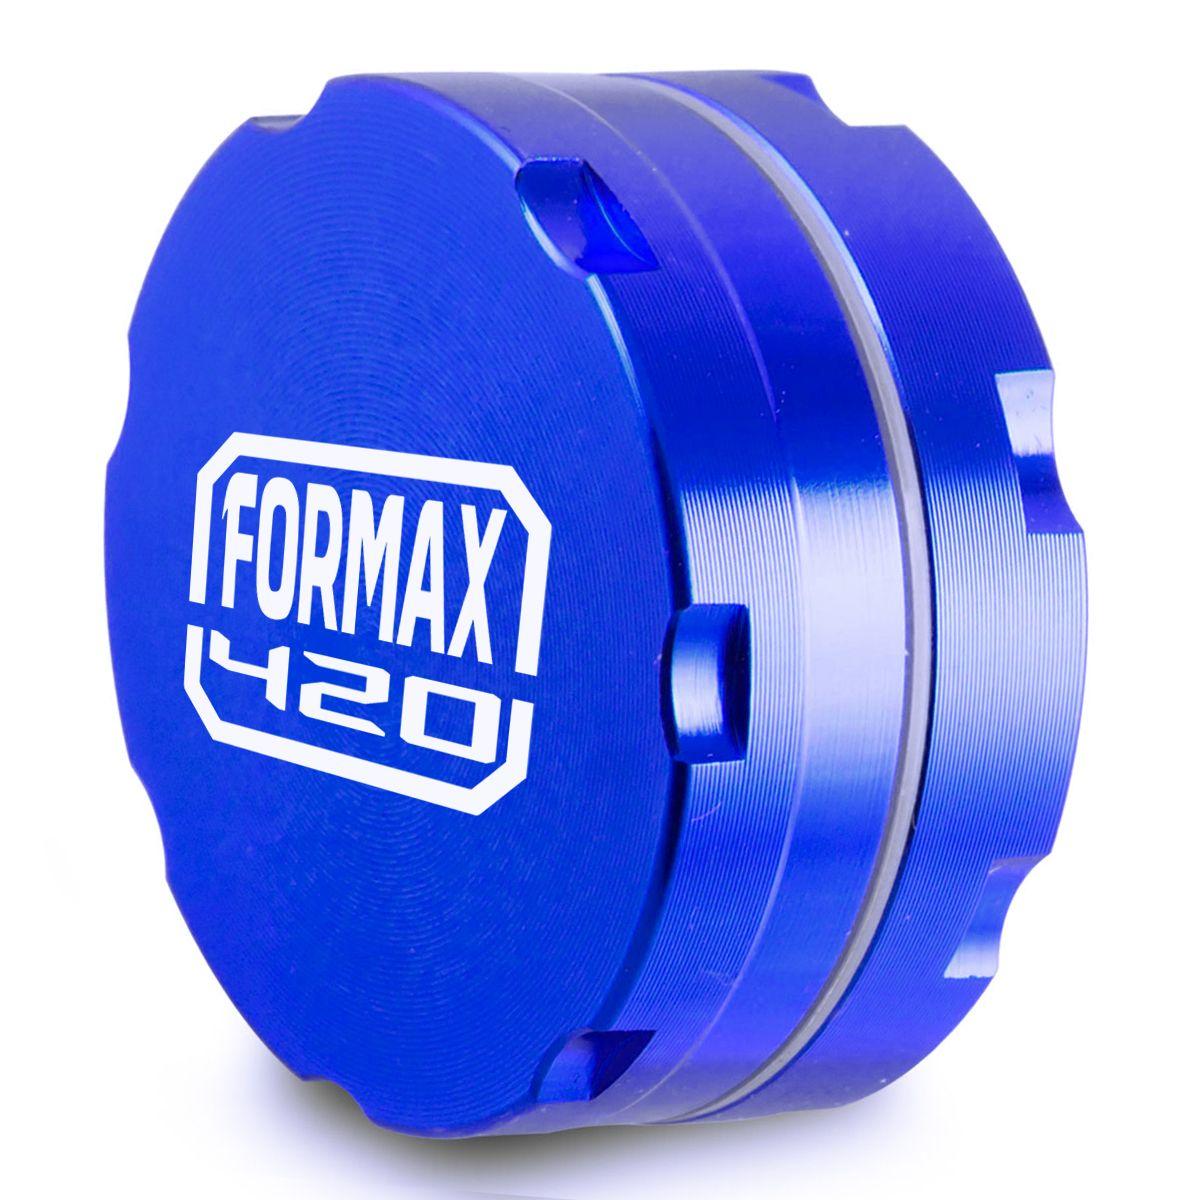 Formax420 1,5 Zoll Metall Herb Grinder 2 Schichten Grinder Viele Farben erhältlich Kostenloser Versand